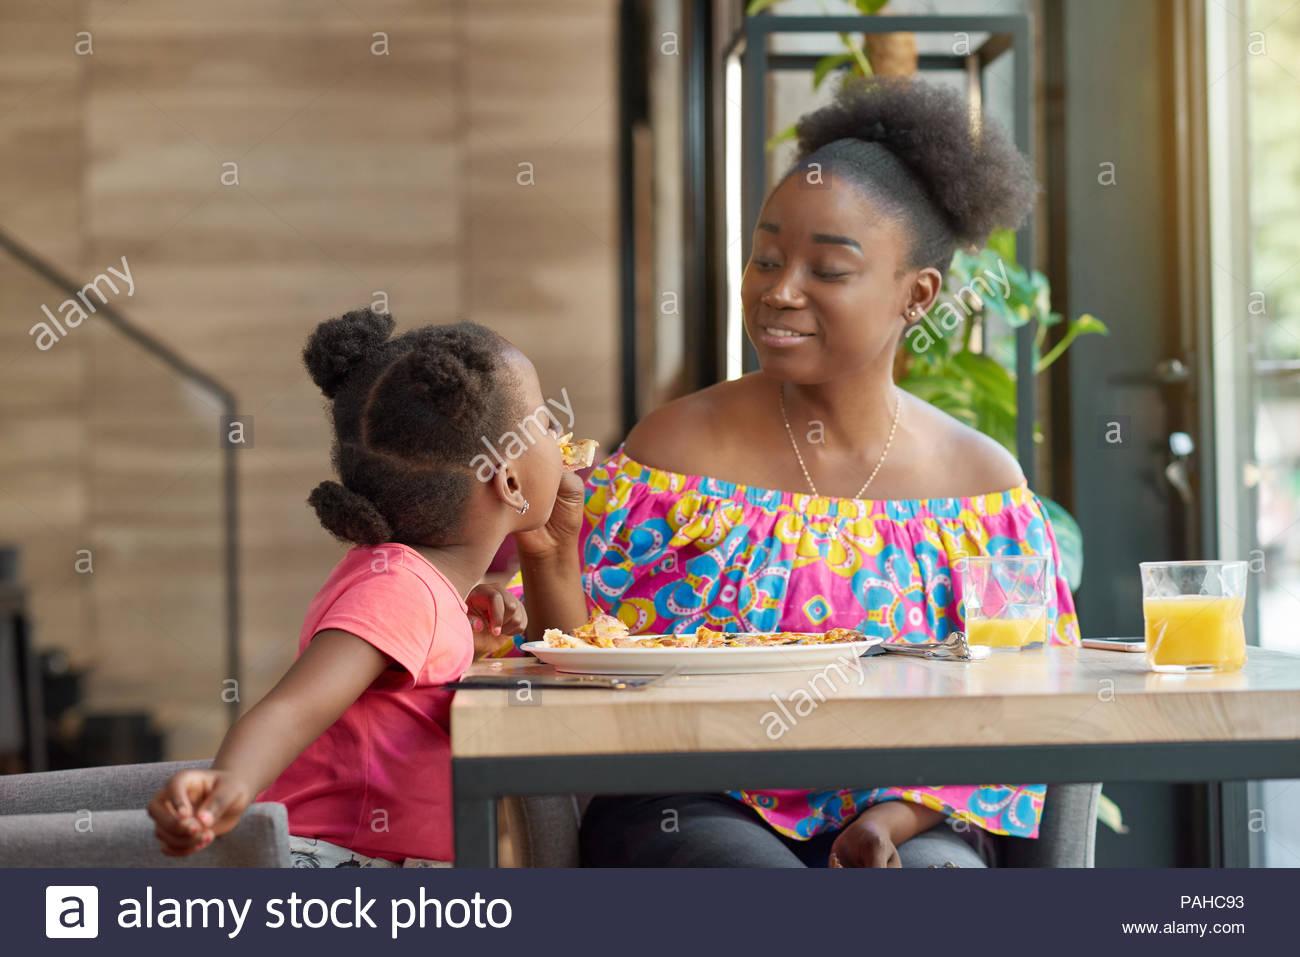 Sorridente madre bambino alimentazione deliziosa pizza seduti nella caffetteria locale. Felice, avente un buon umore, meraviglioso tempo insieme, famiglia deliziosa. Altri client in seduta cafe sfondo. Loft interni. Immagini Stock